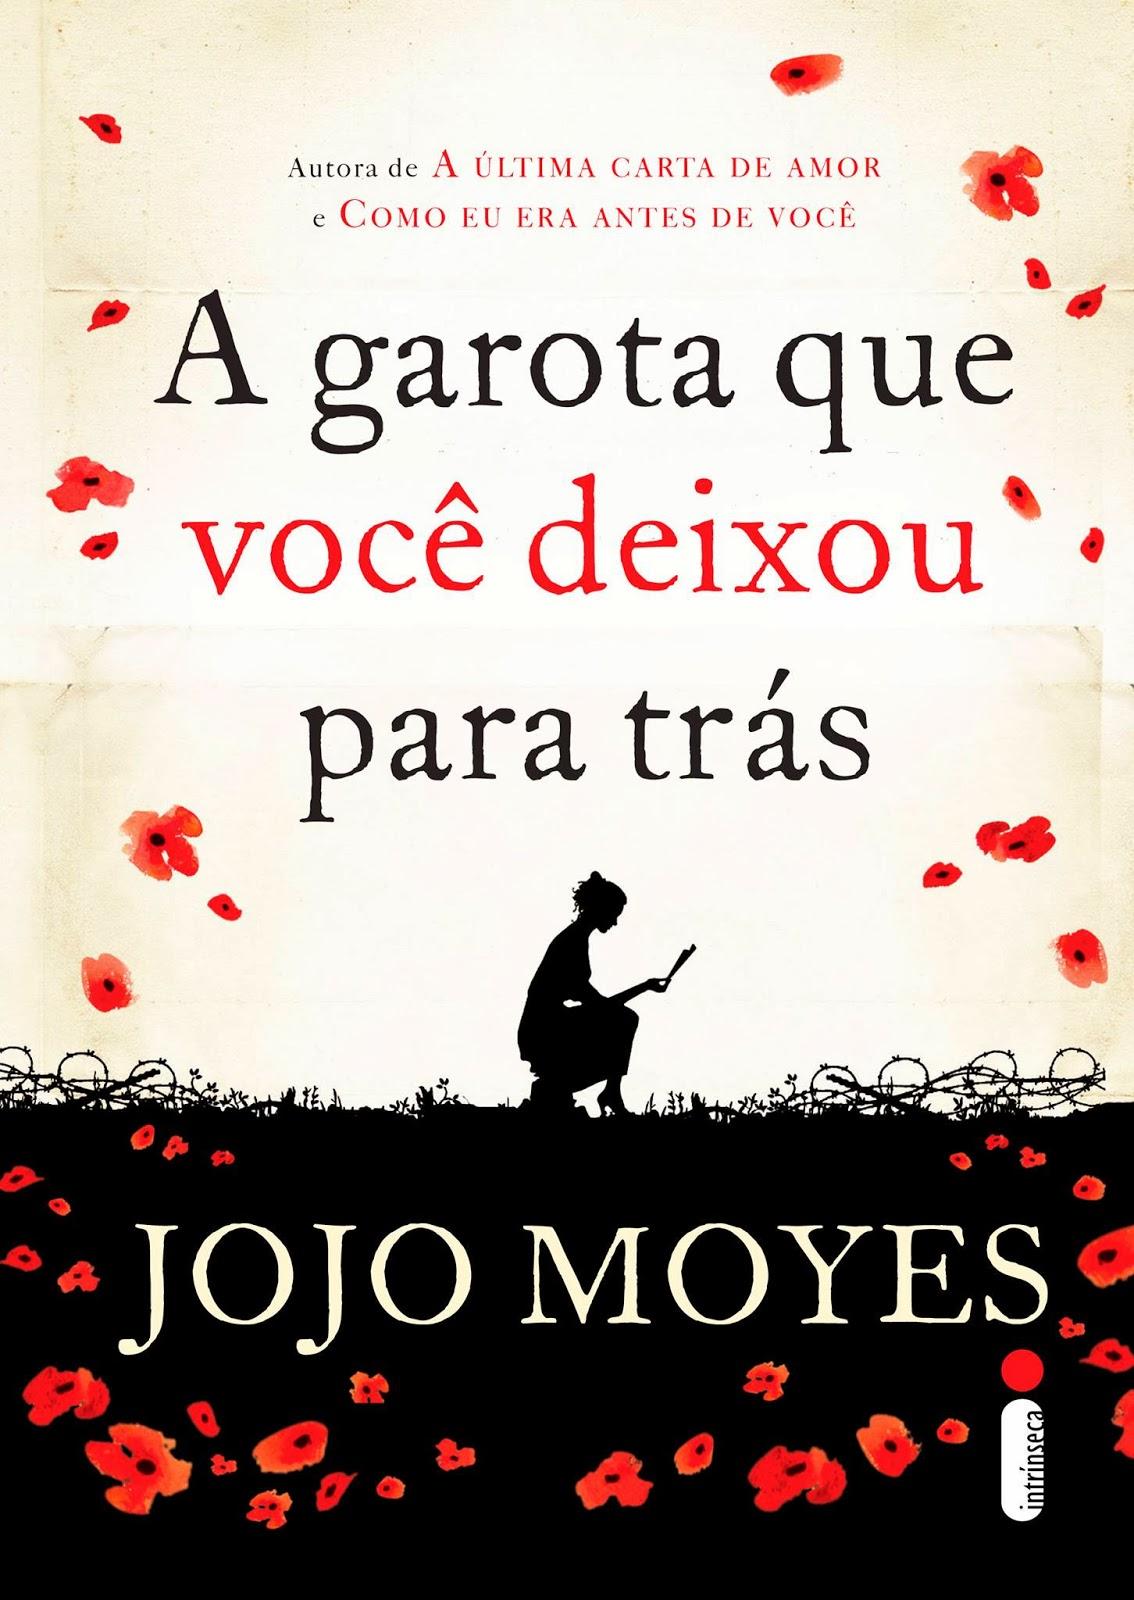 Extremamente Os melhores trechos dos livros da Jojo Moyes  PO79